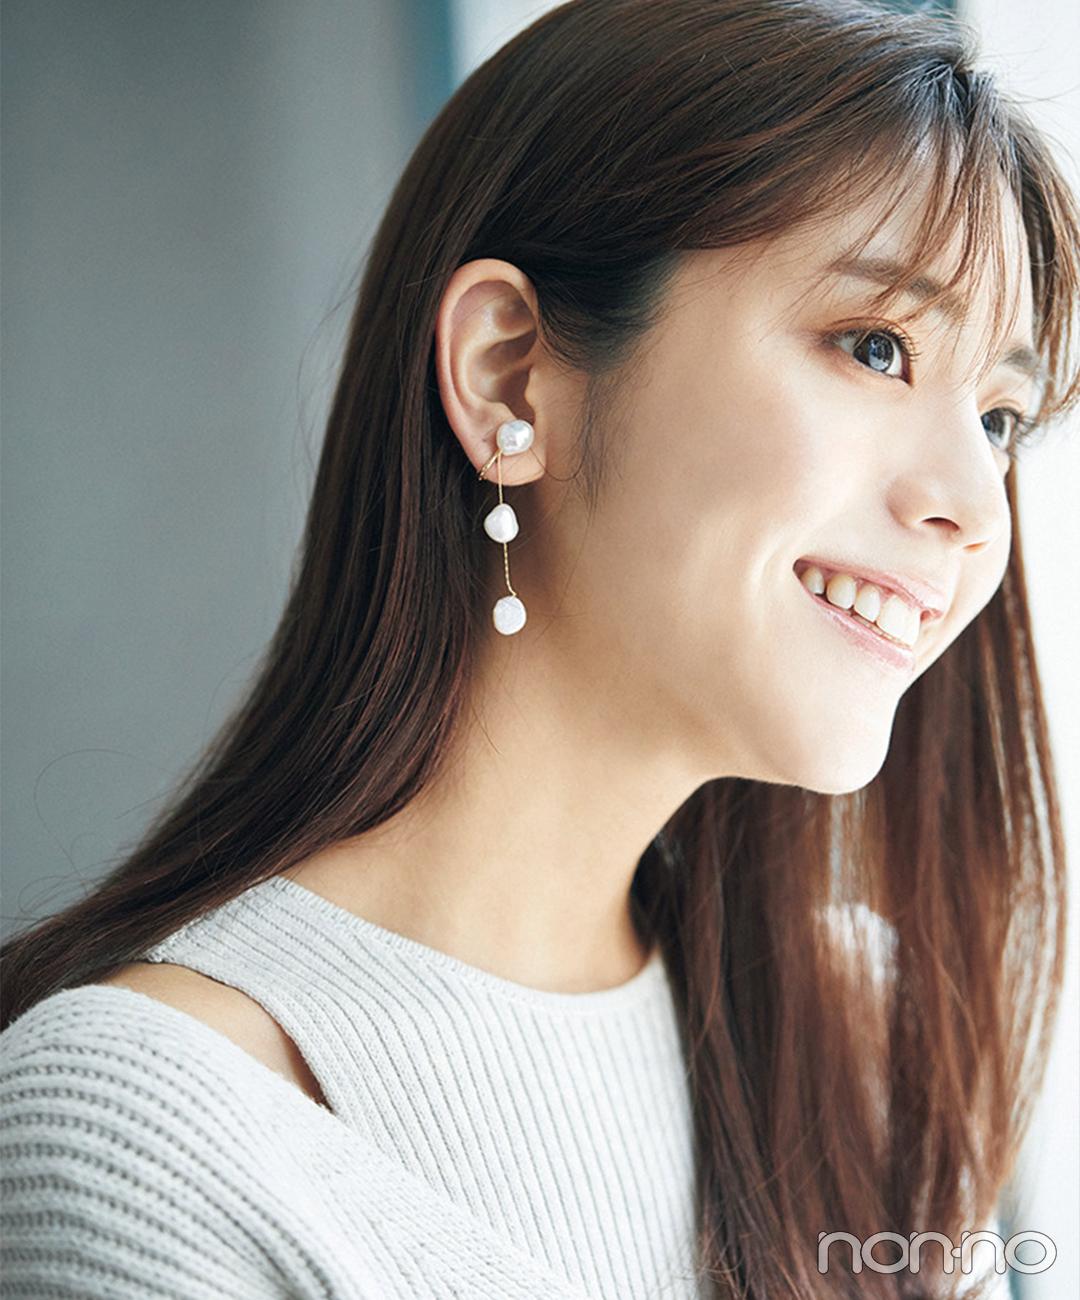 Photo Gallery 天気予報の女神&大人気モデル! 貴島明日香フォトギャラリー_1_13